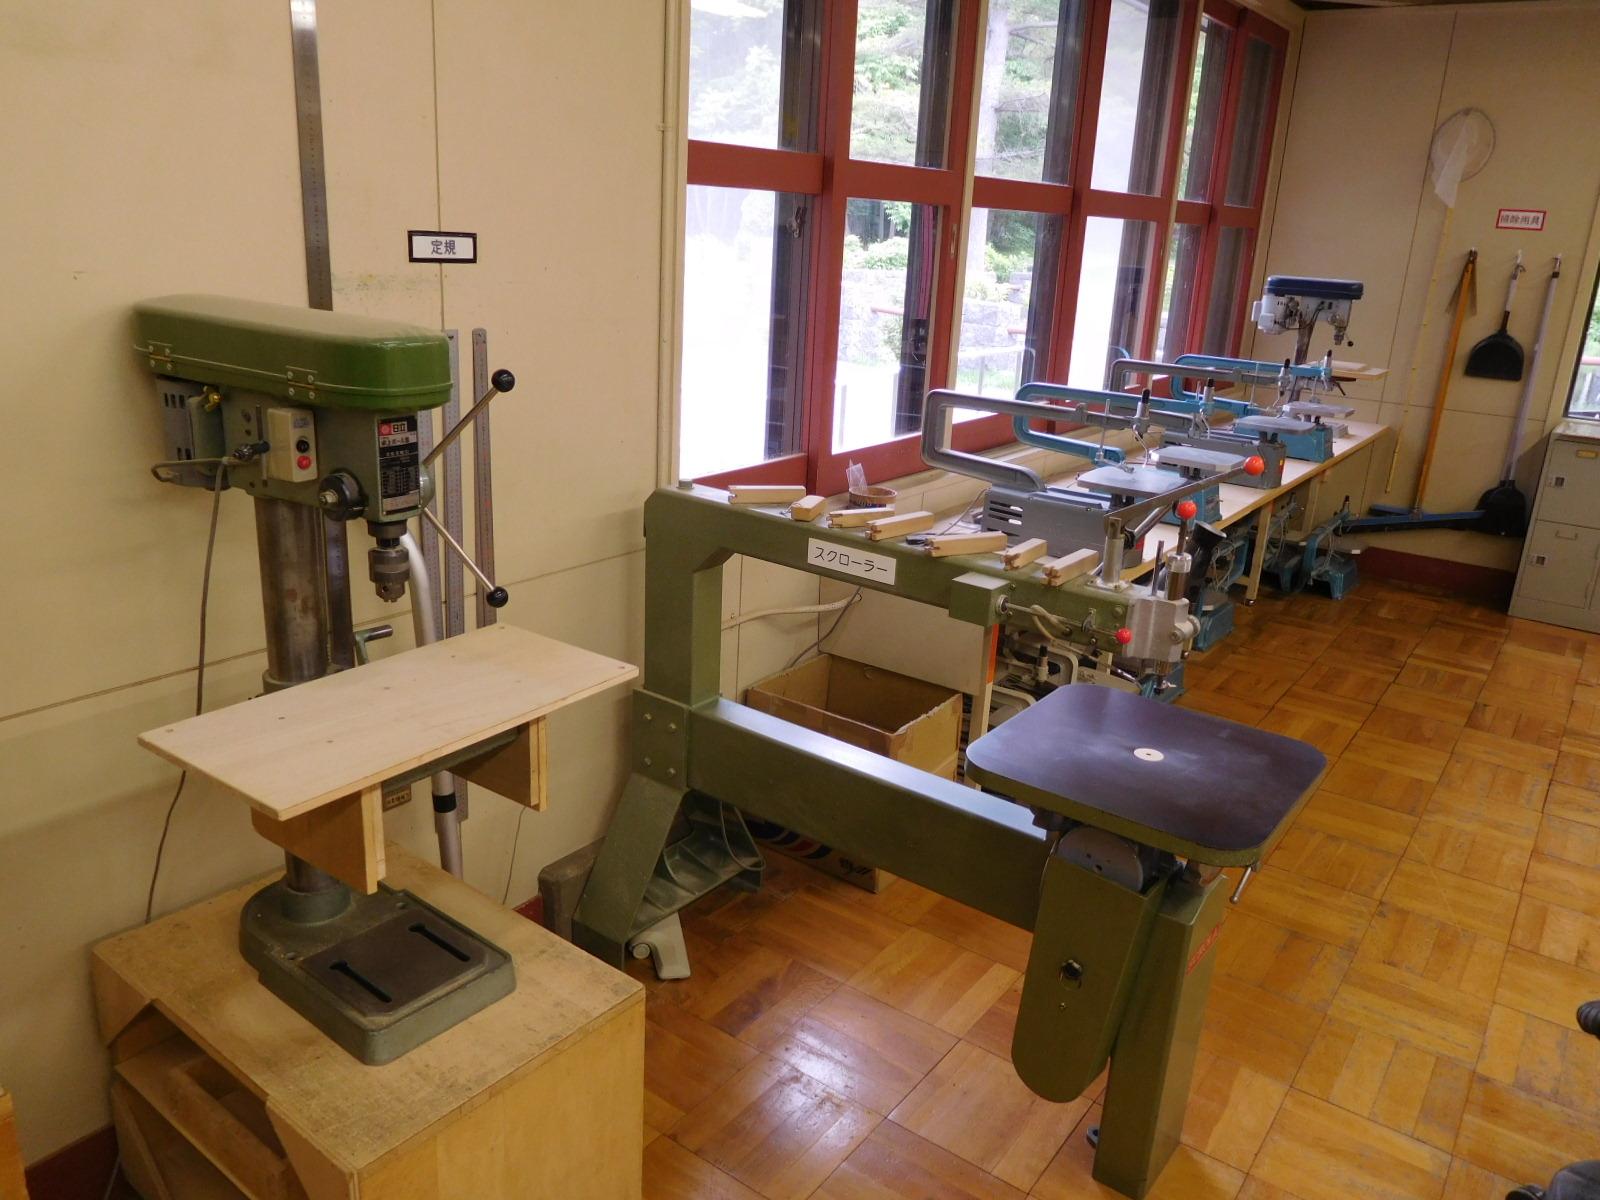 電動糸のこ機、スクローラー(大型電動糸のこ機)ボール盤など基本的な加工が出来る機械も用意しております。